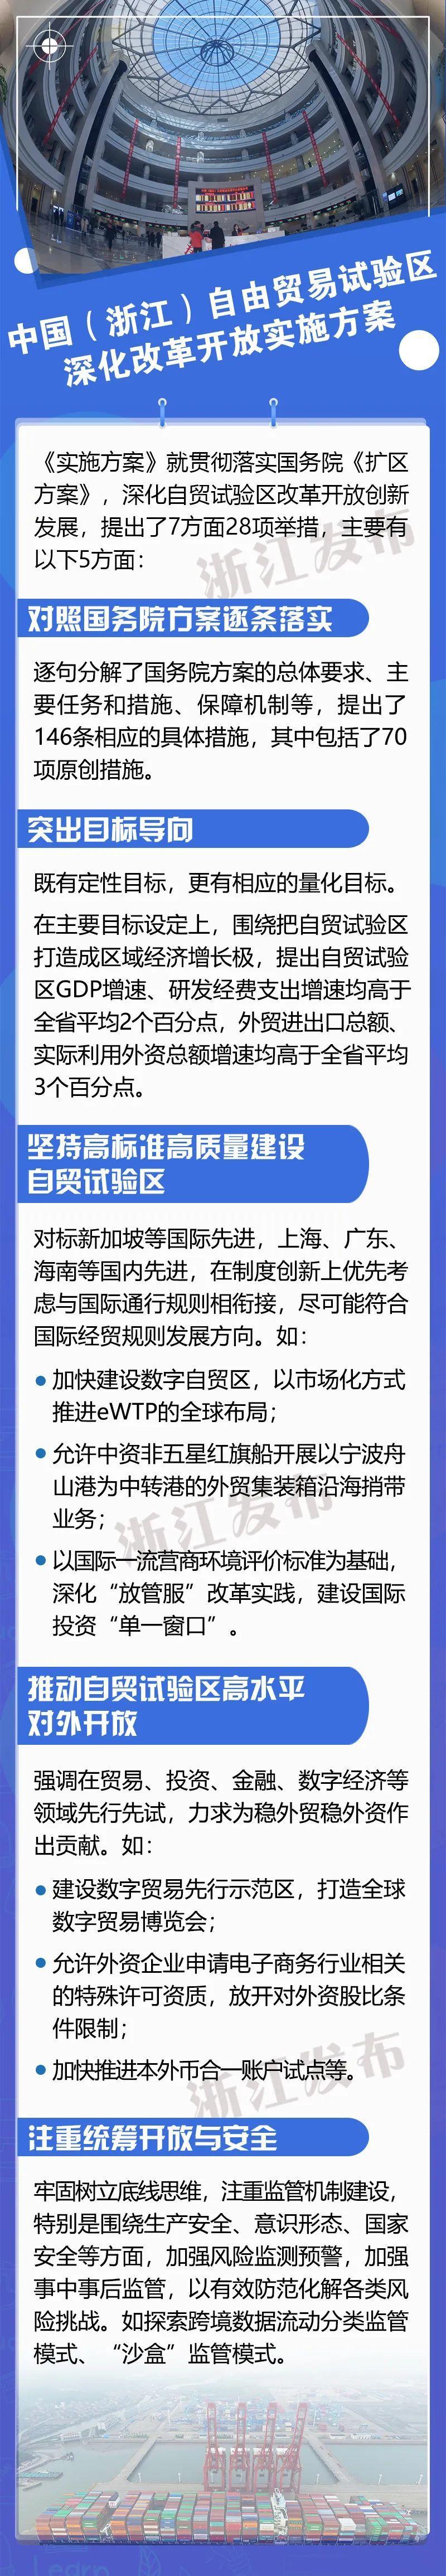 浙江将出新政支持自贸试验区扩区建设!